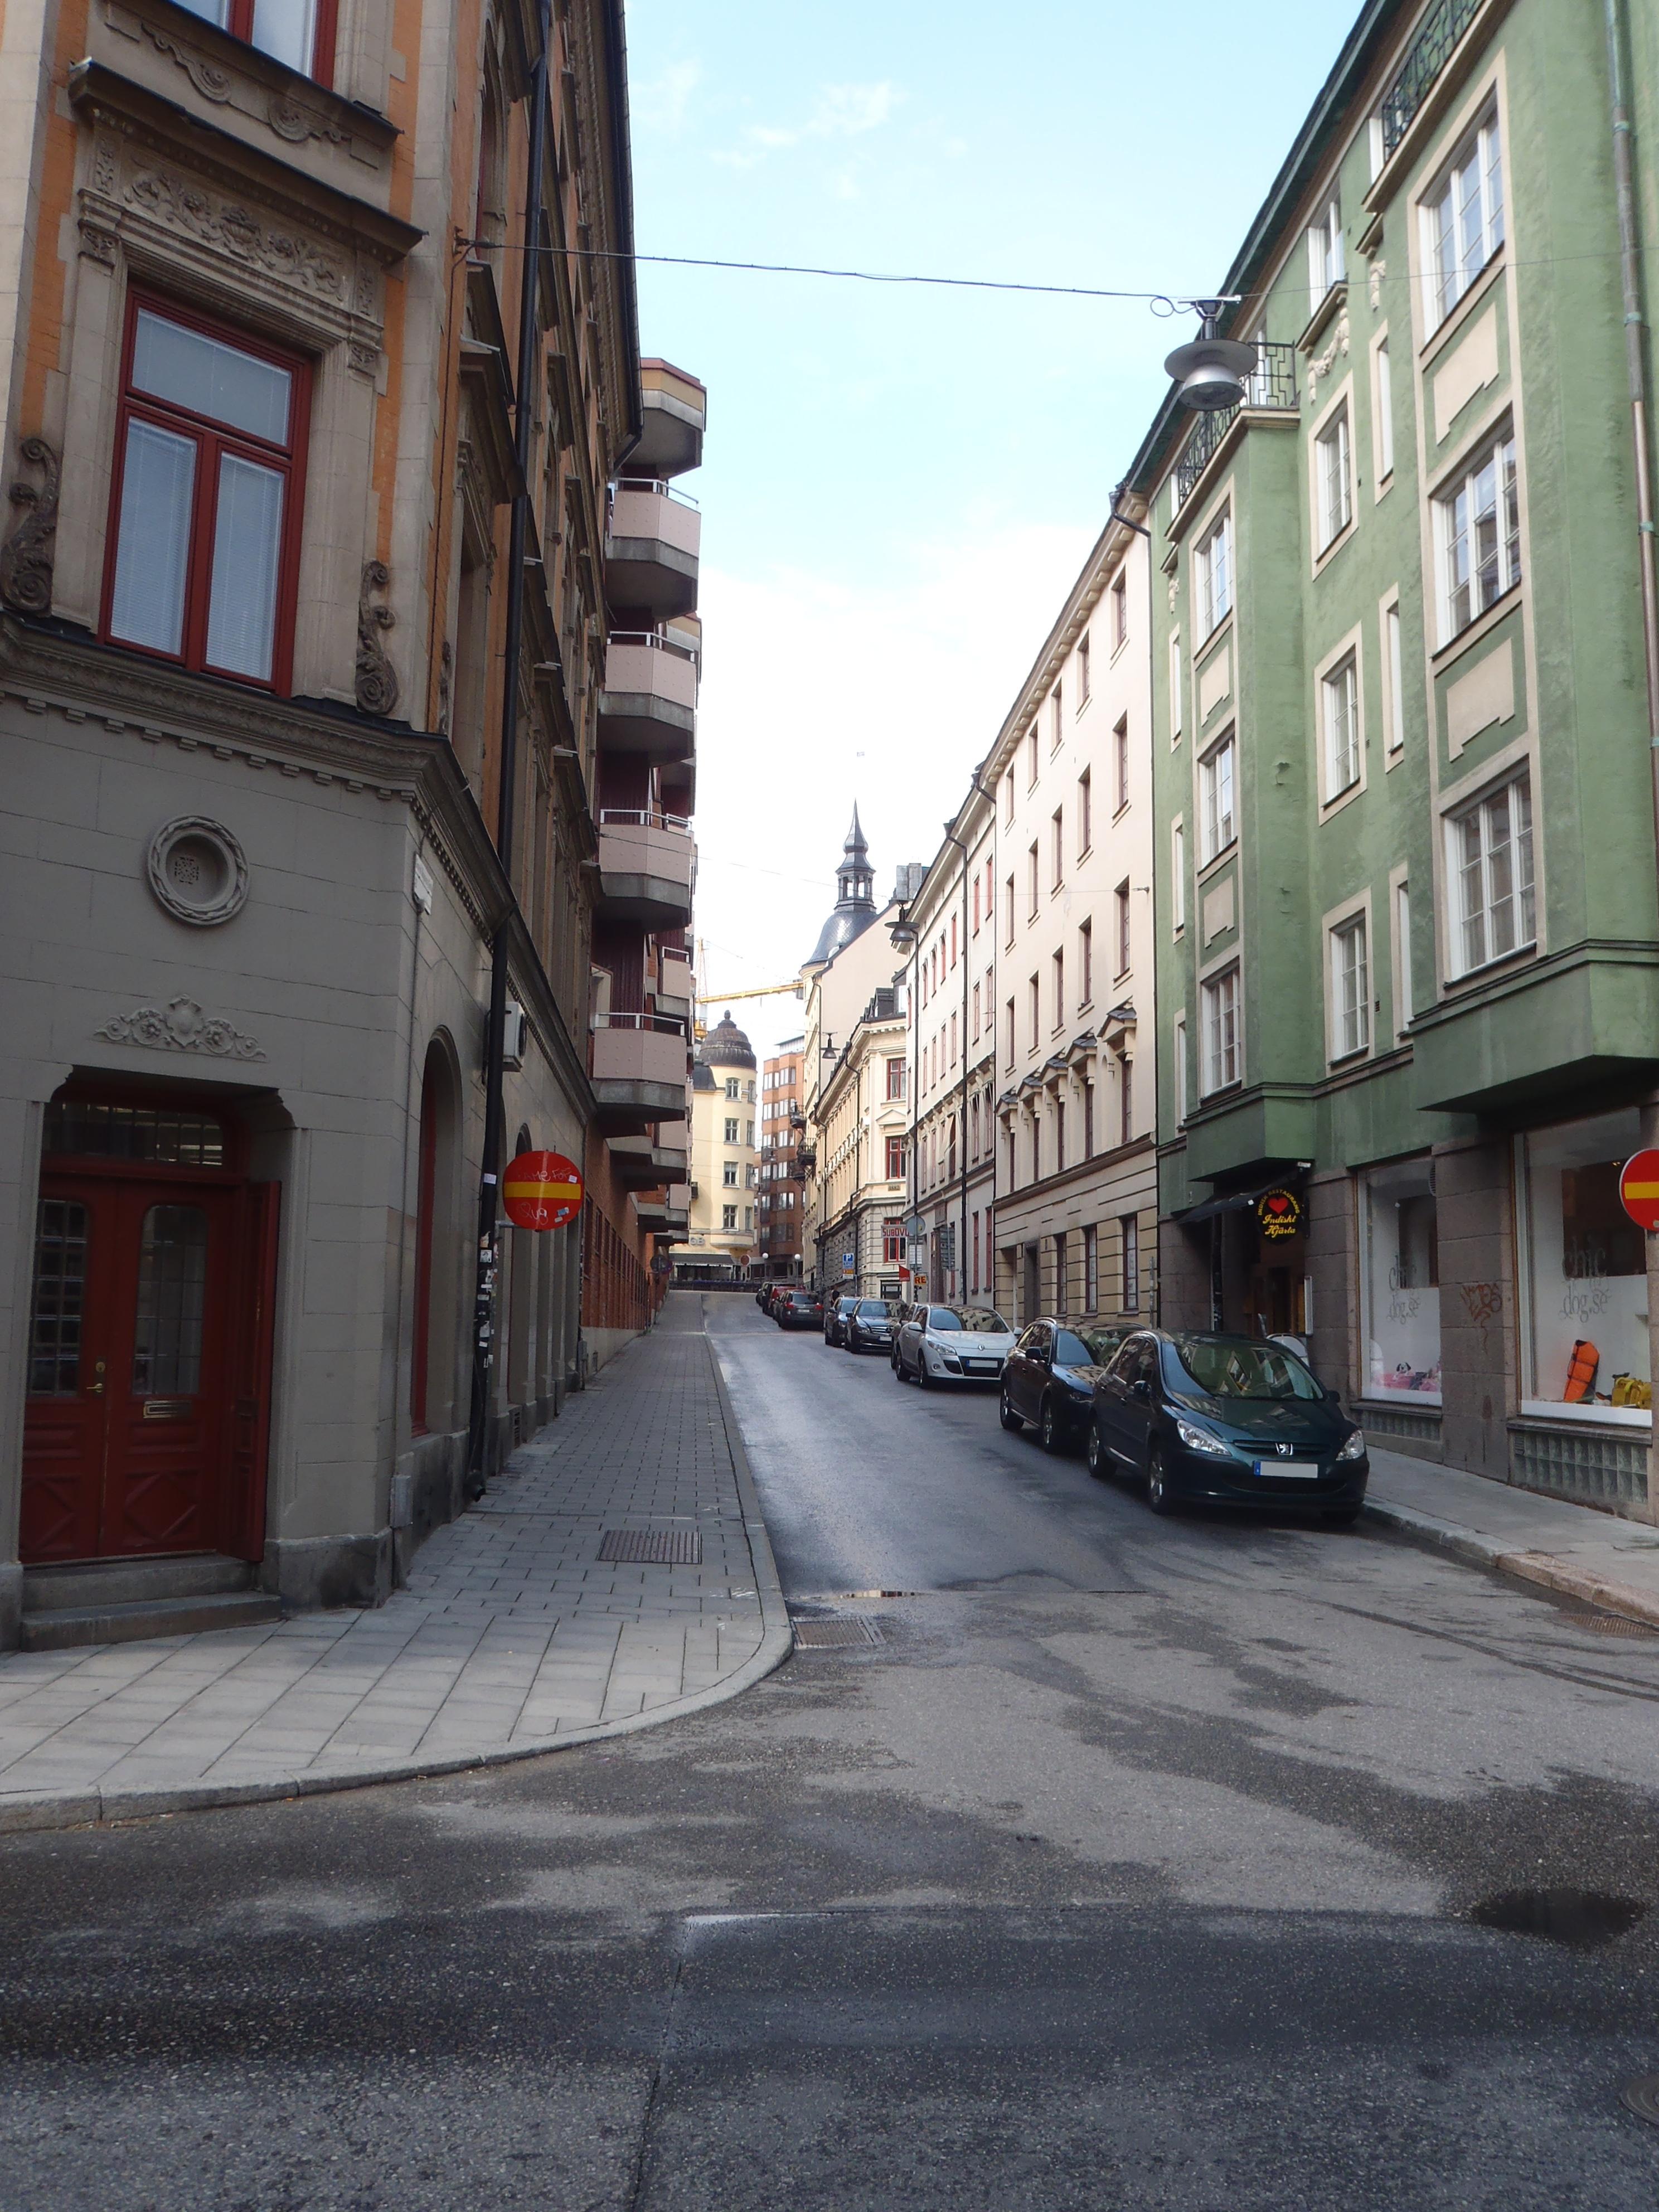 dating sverige gratis prostituerade stockholm gata